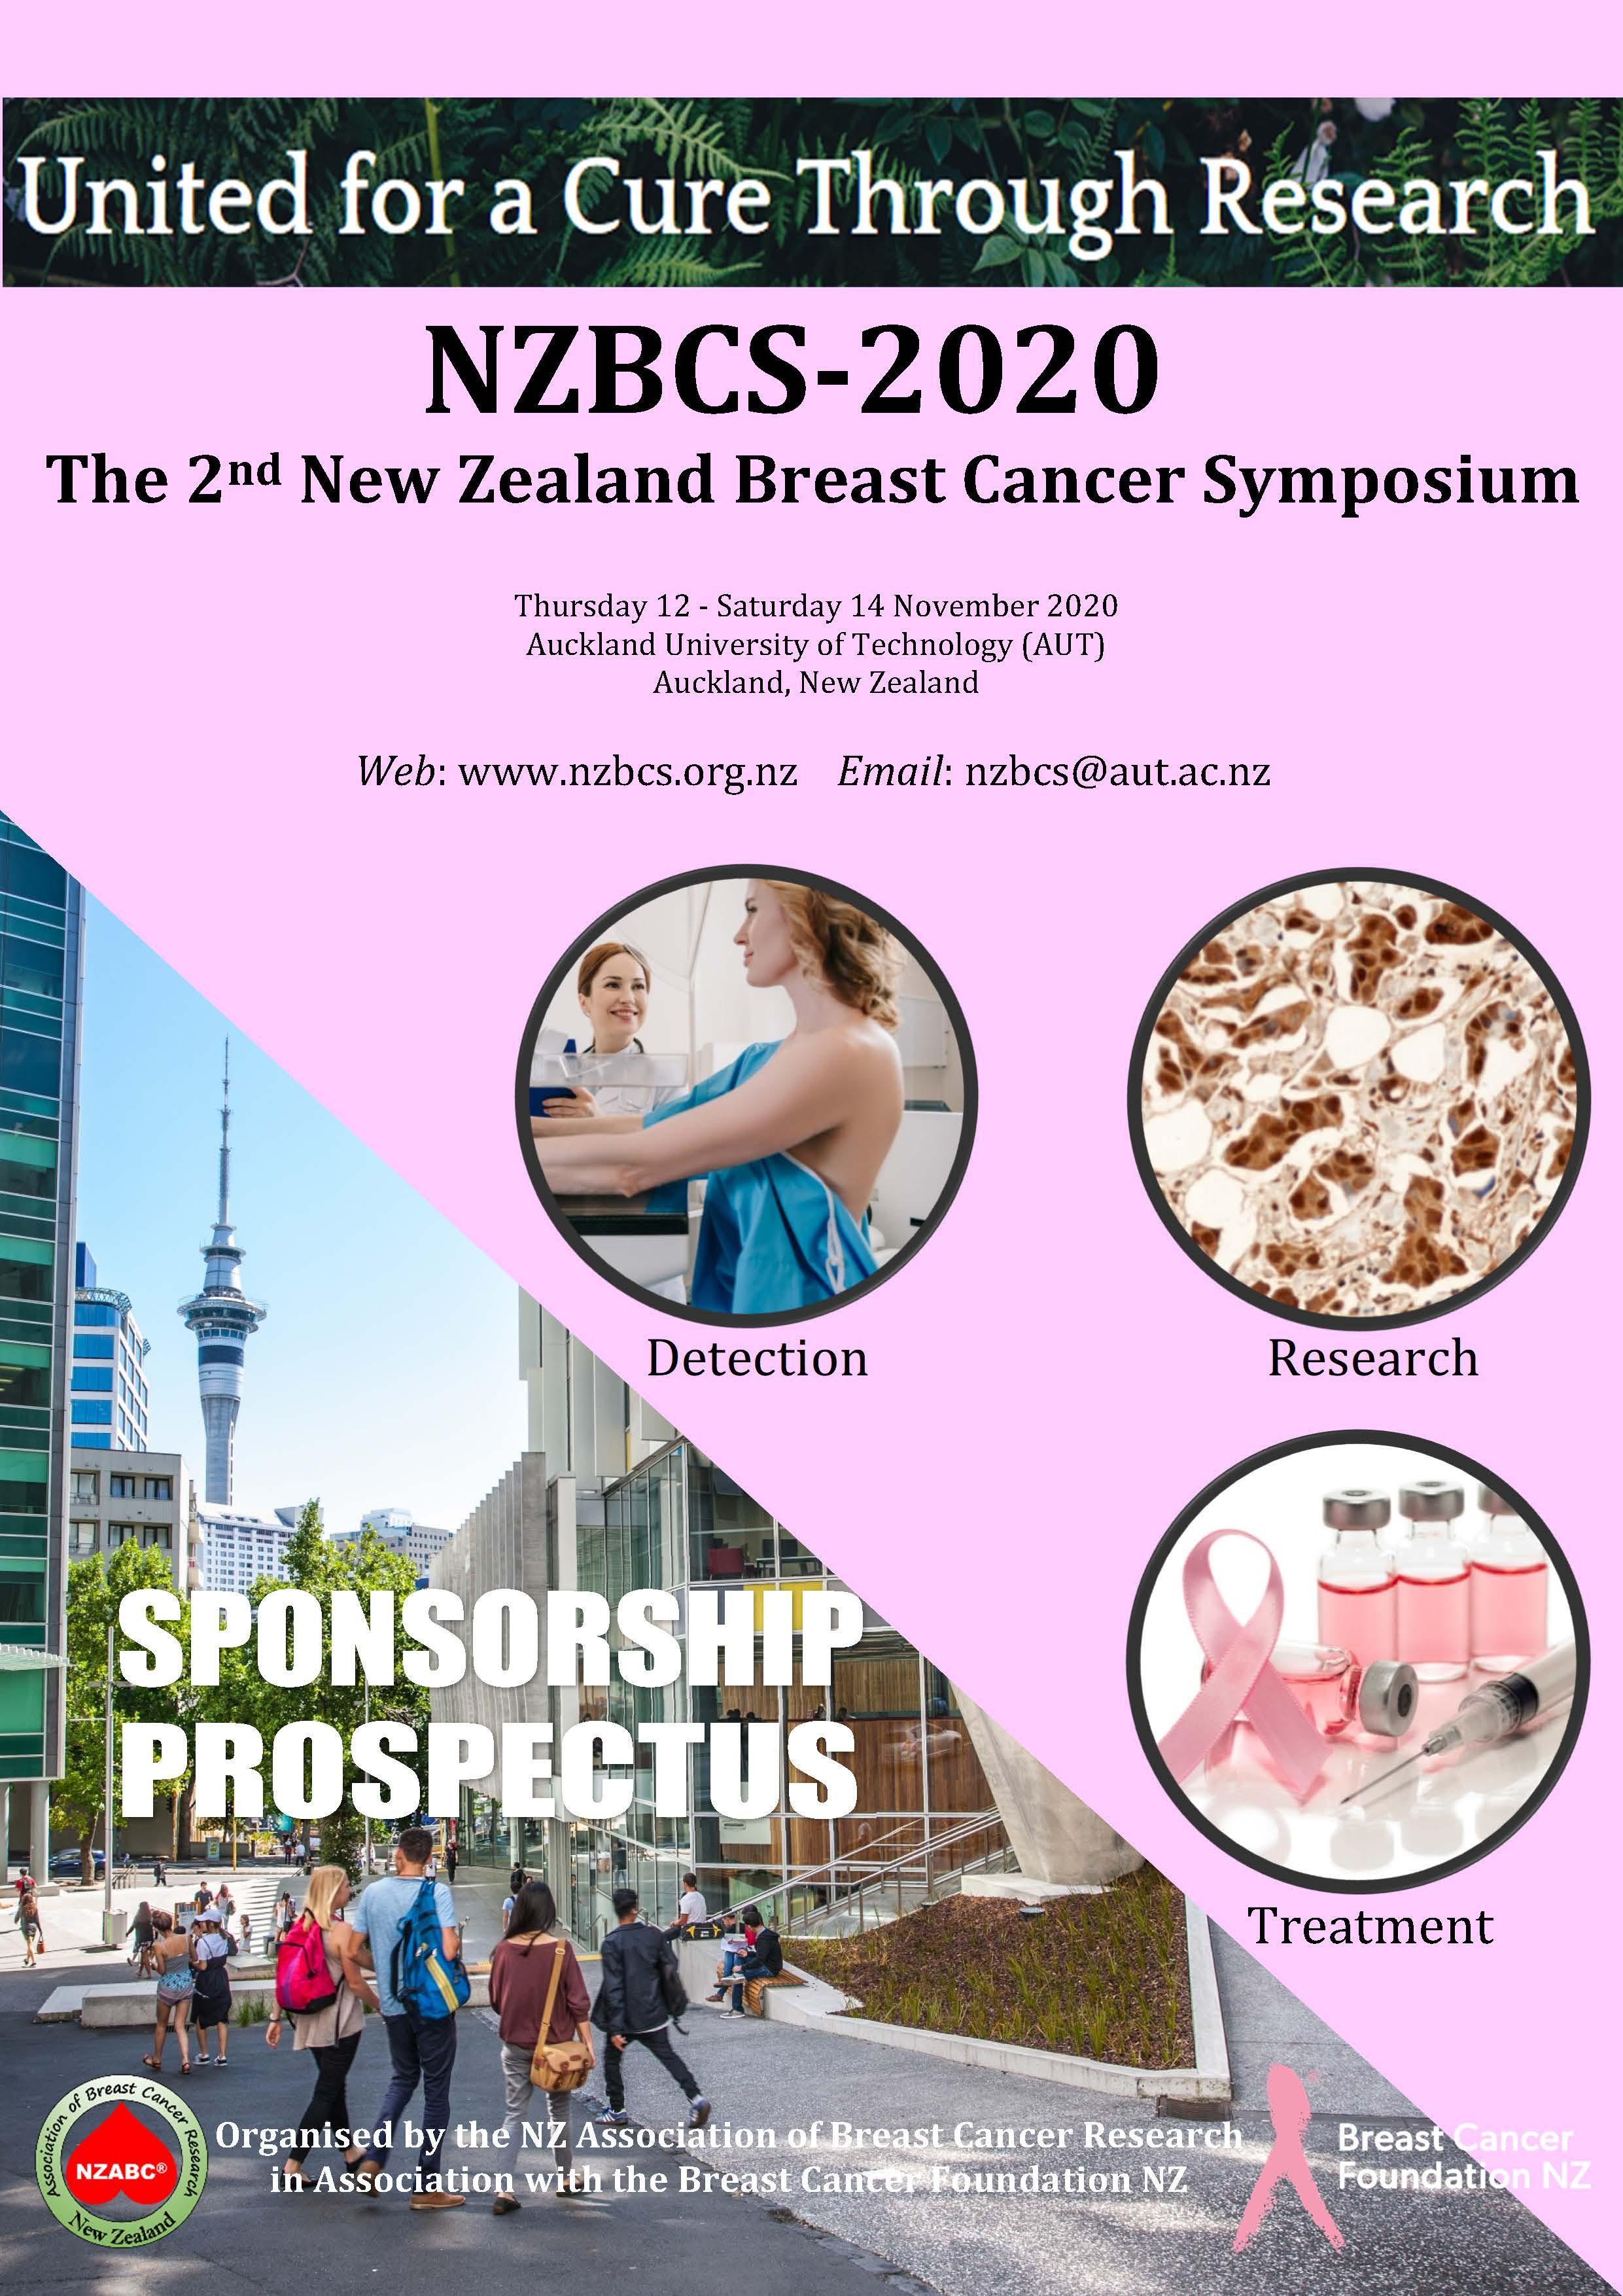 sponsorshipprospectus2020.jpg